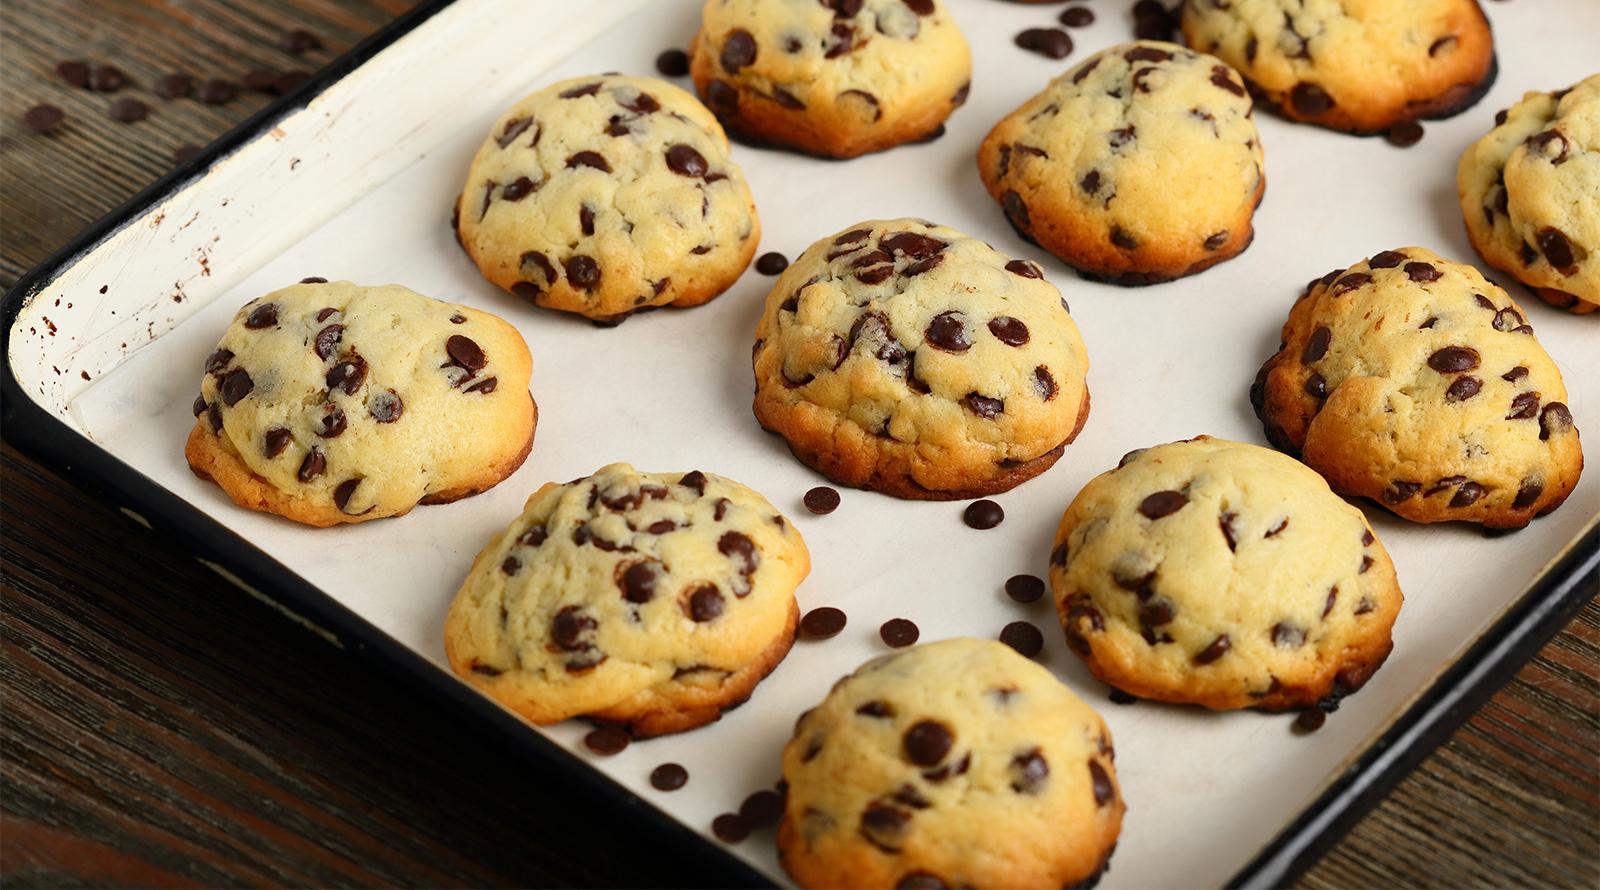 Biscotti di ricotta e gocce di cioccolato